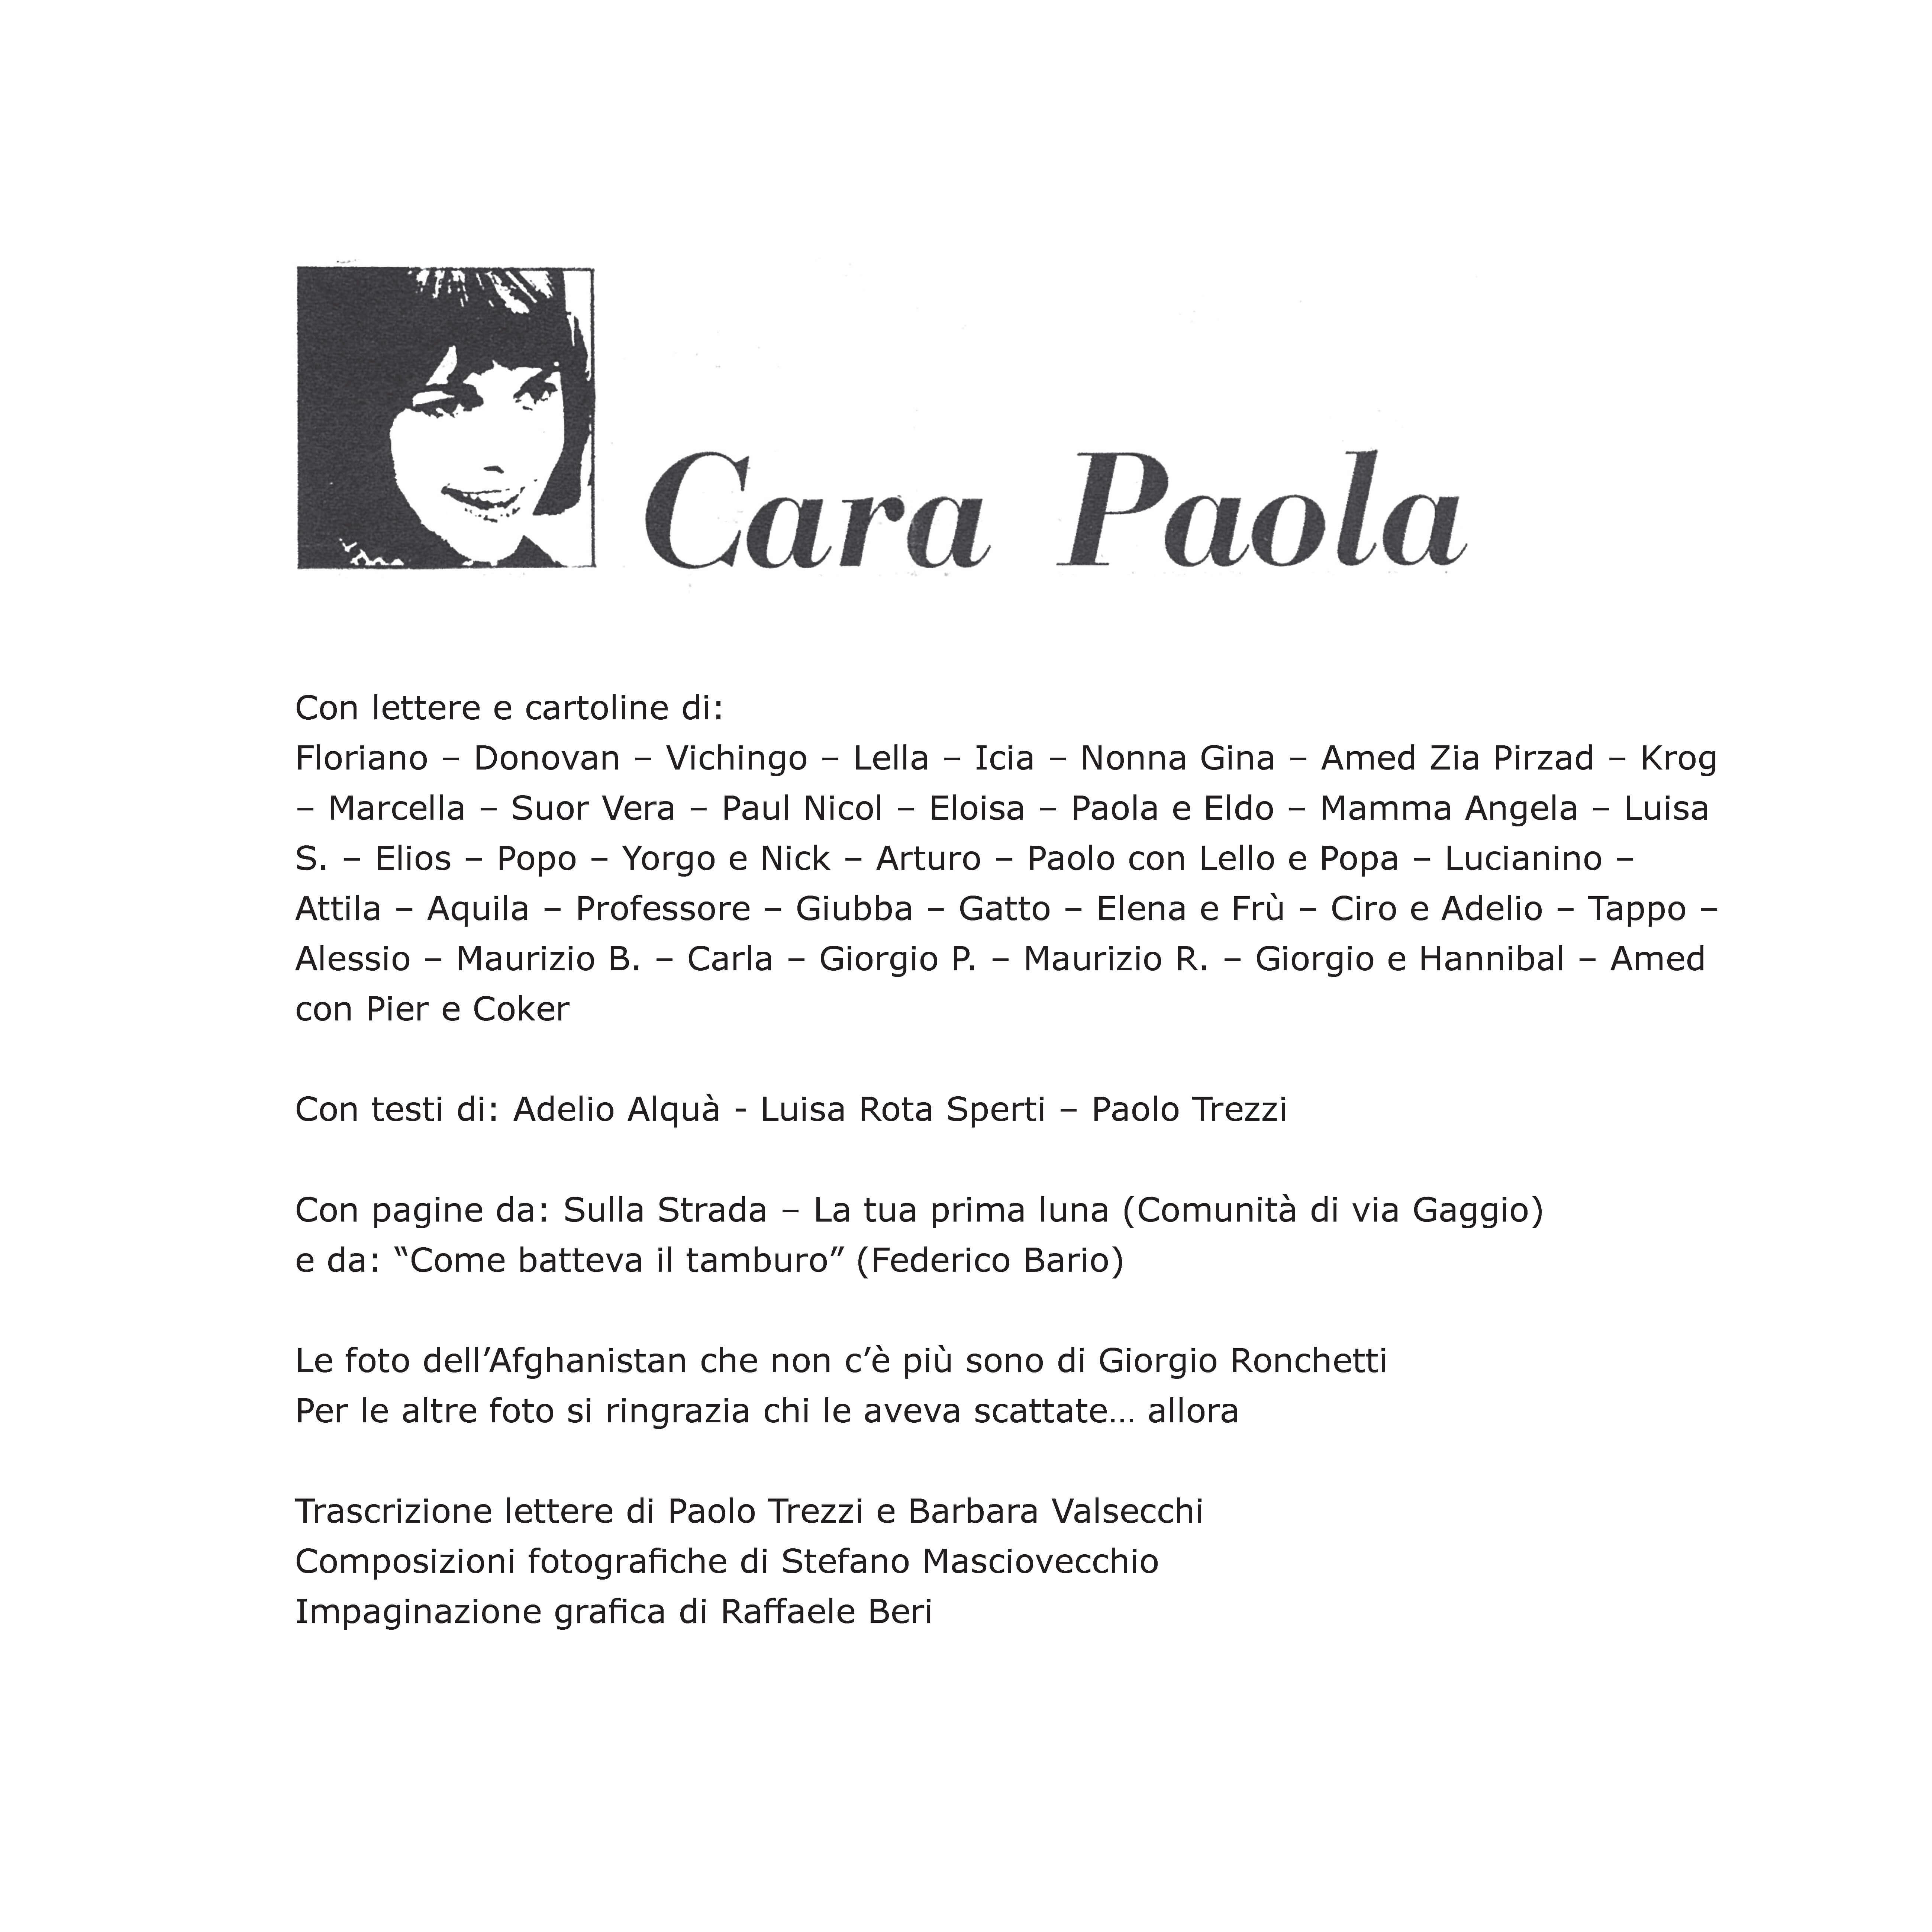 Dal libro: Cara Paola